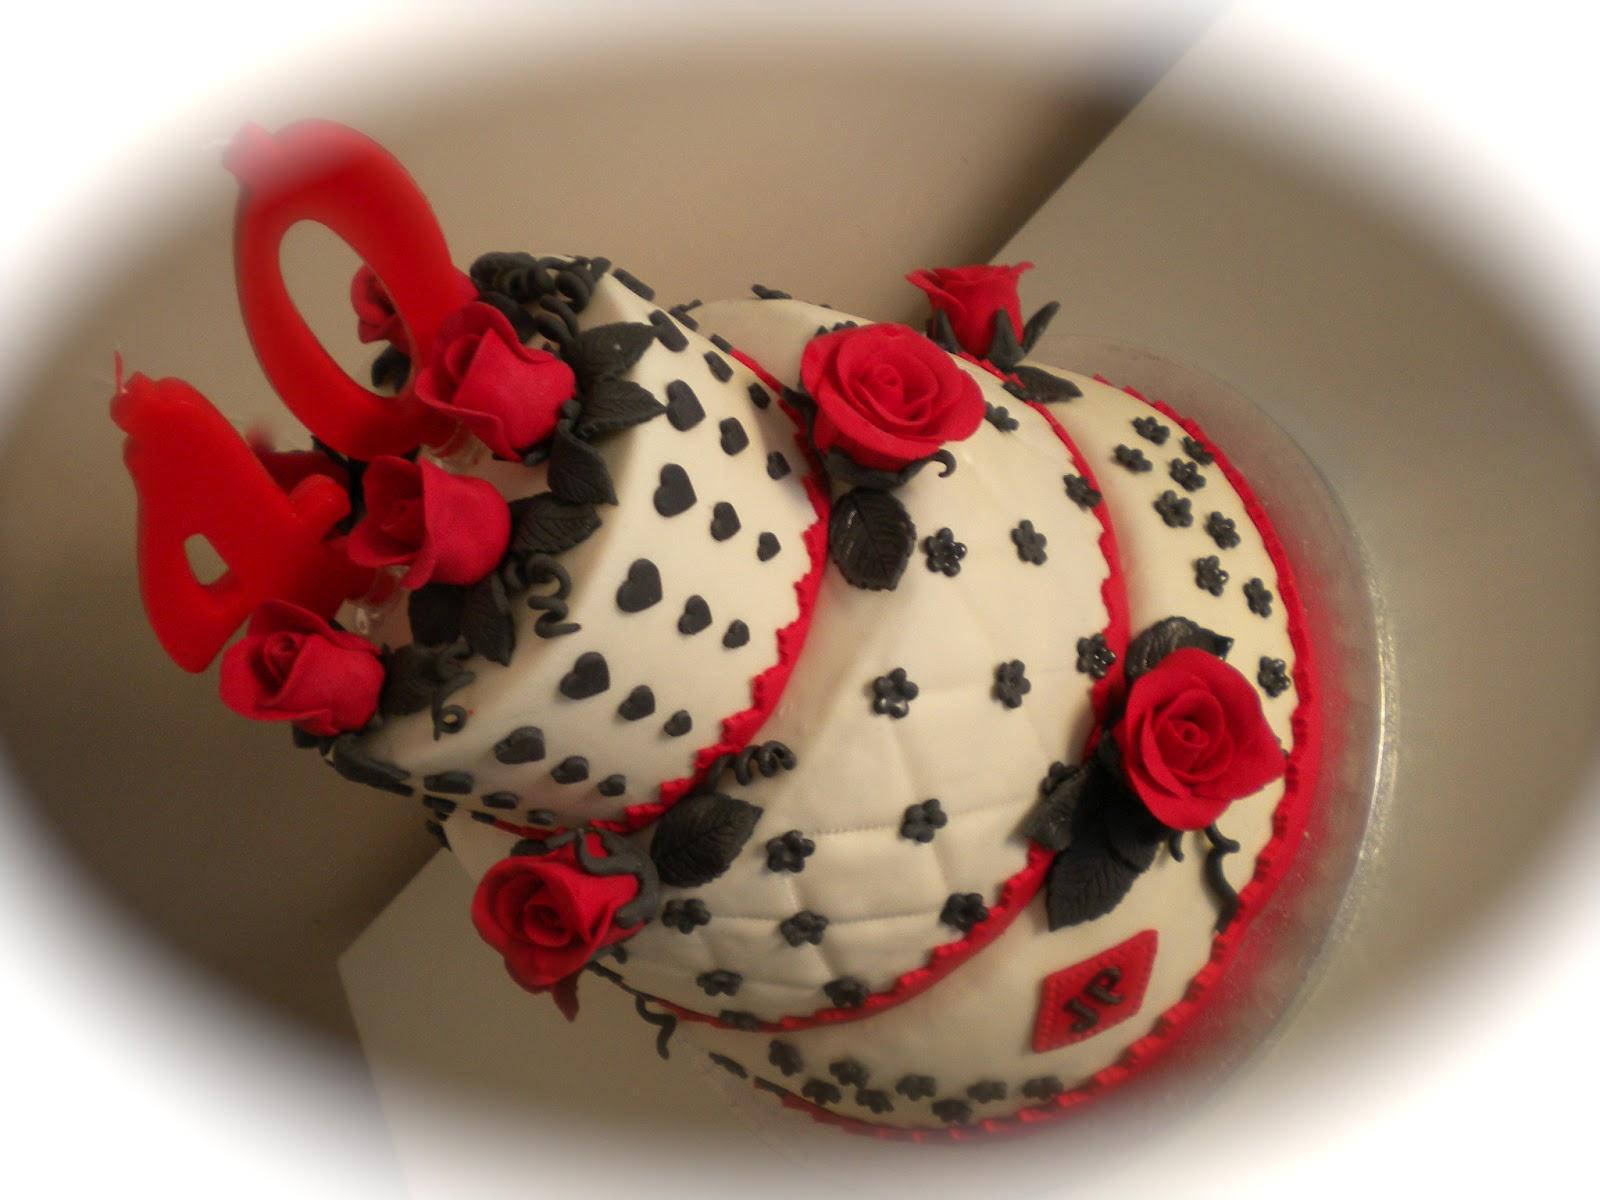 Le torte di patricia i miei primi 40 anni for Decorazioni torte 40 anni uomo